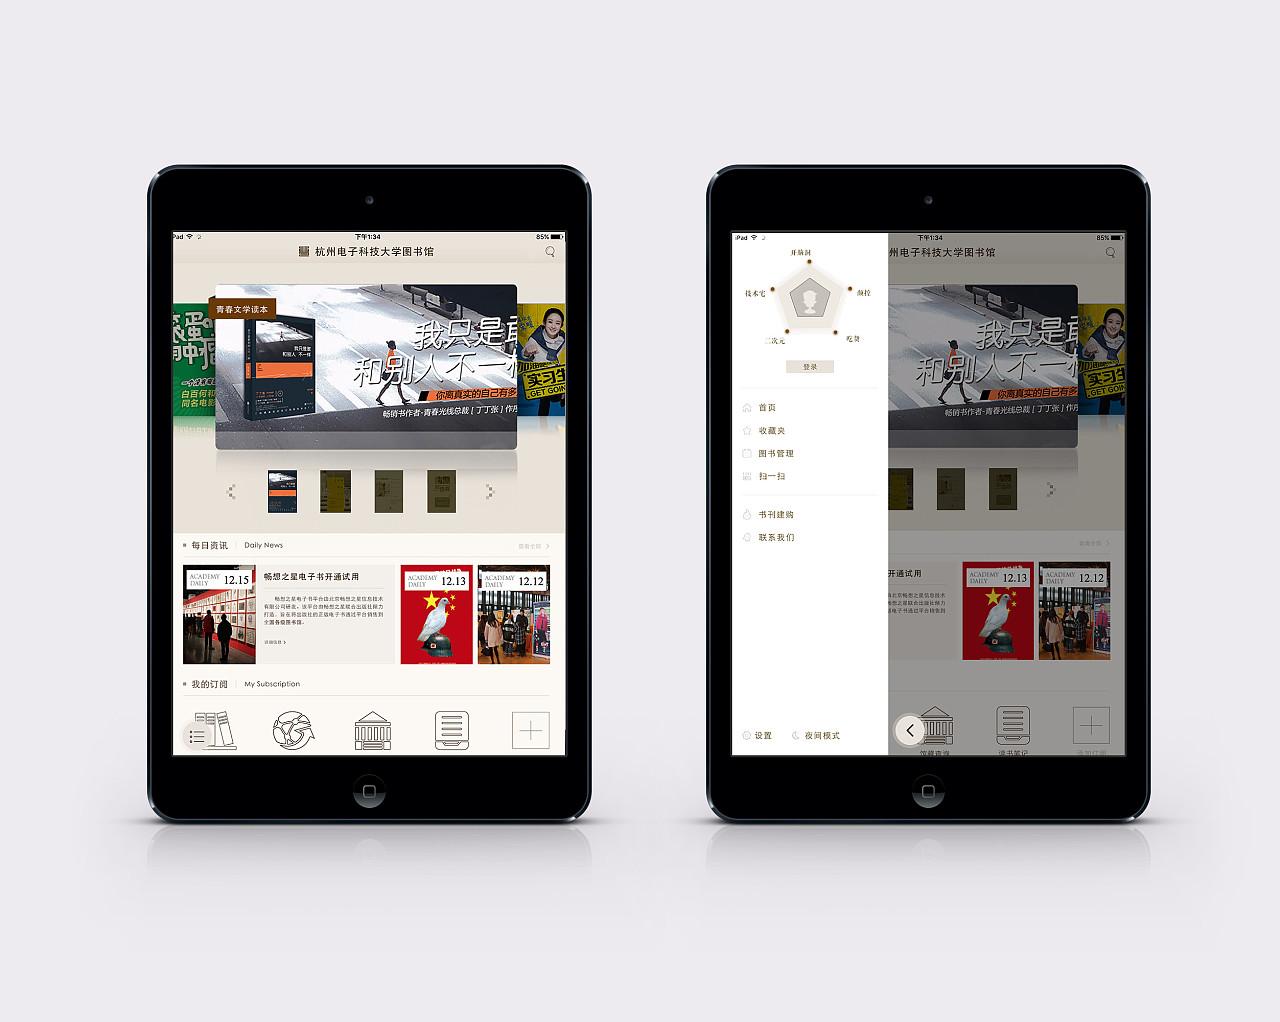 图书馆ipsd界面设计